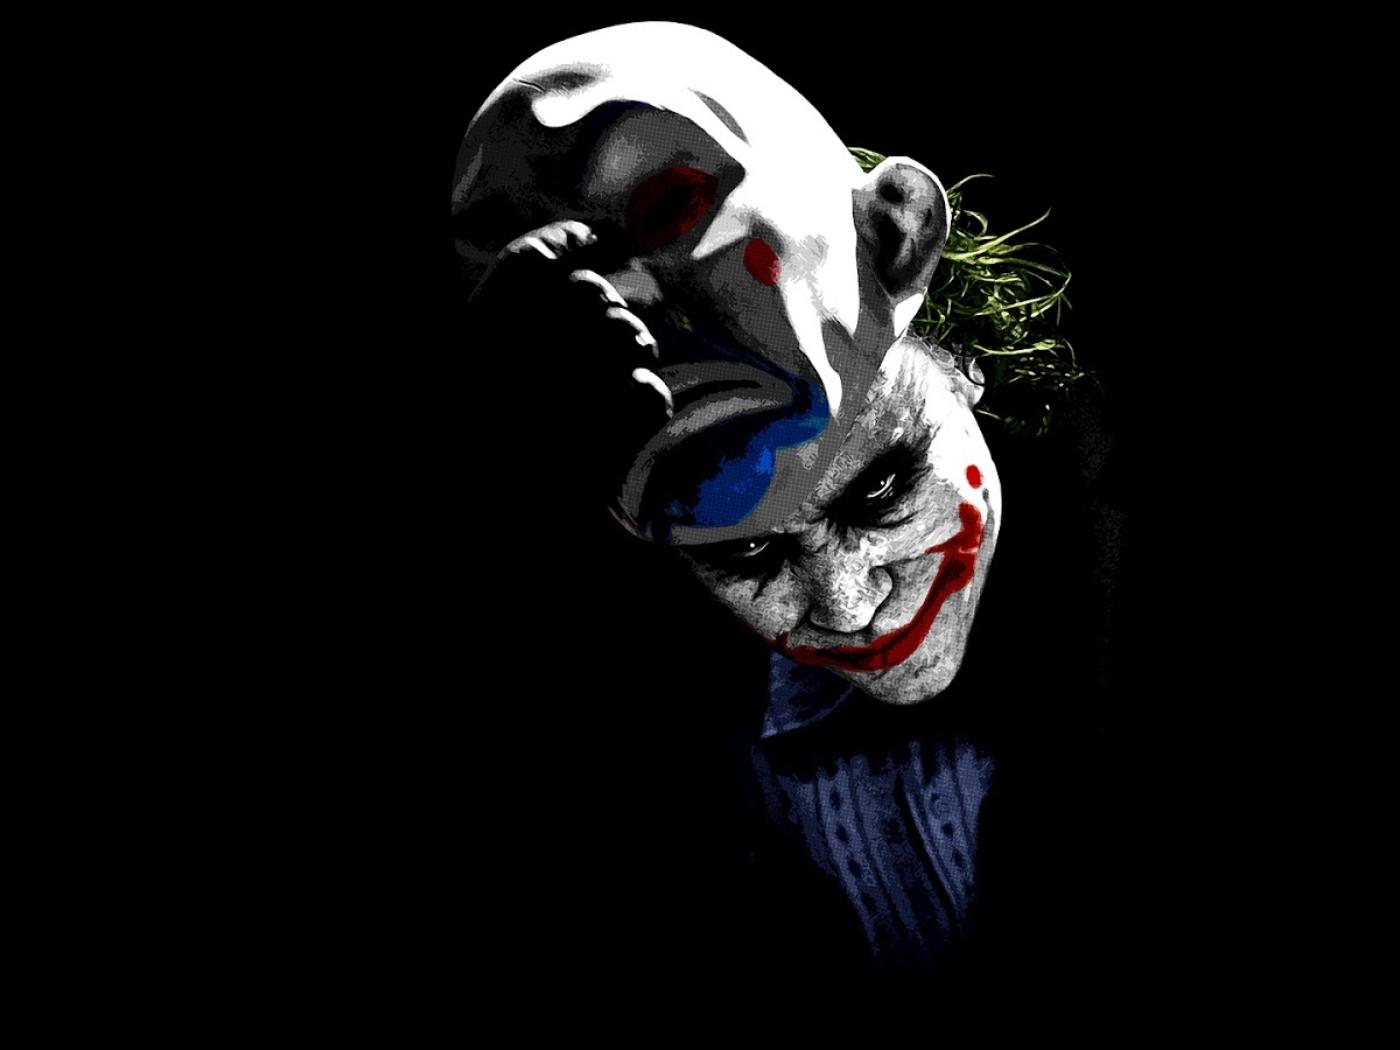 Joker Hd 8k Wallpaper